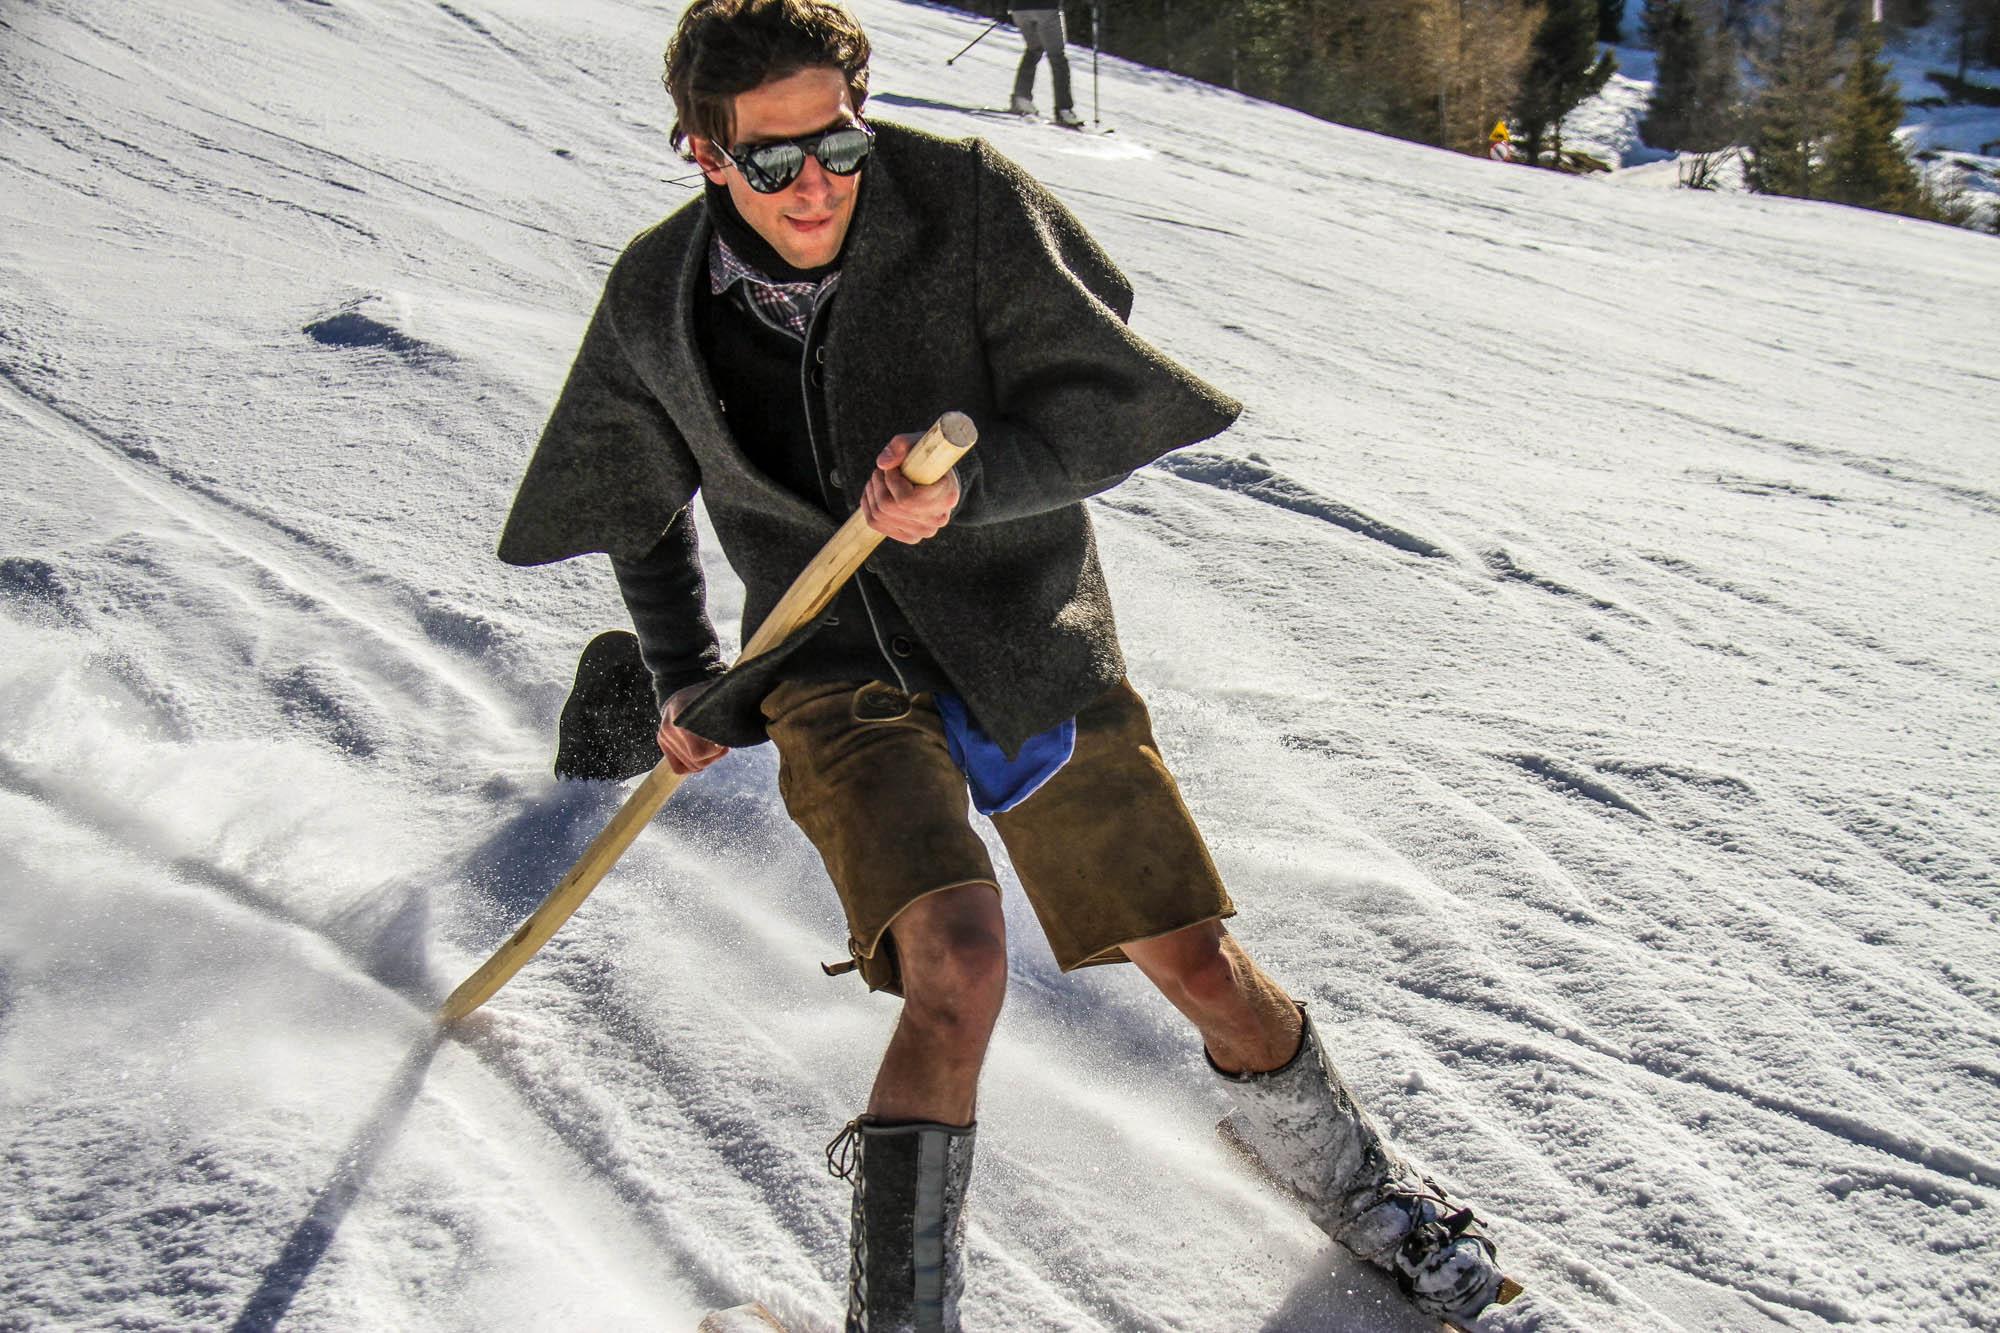 Ein Mann fährt auf der Skipiste mit historischen Holzski